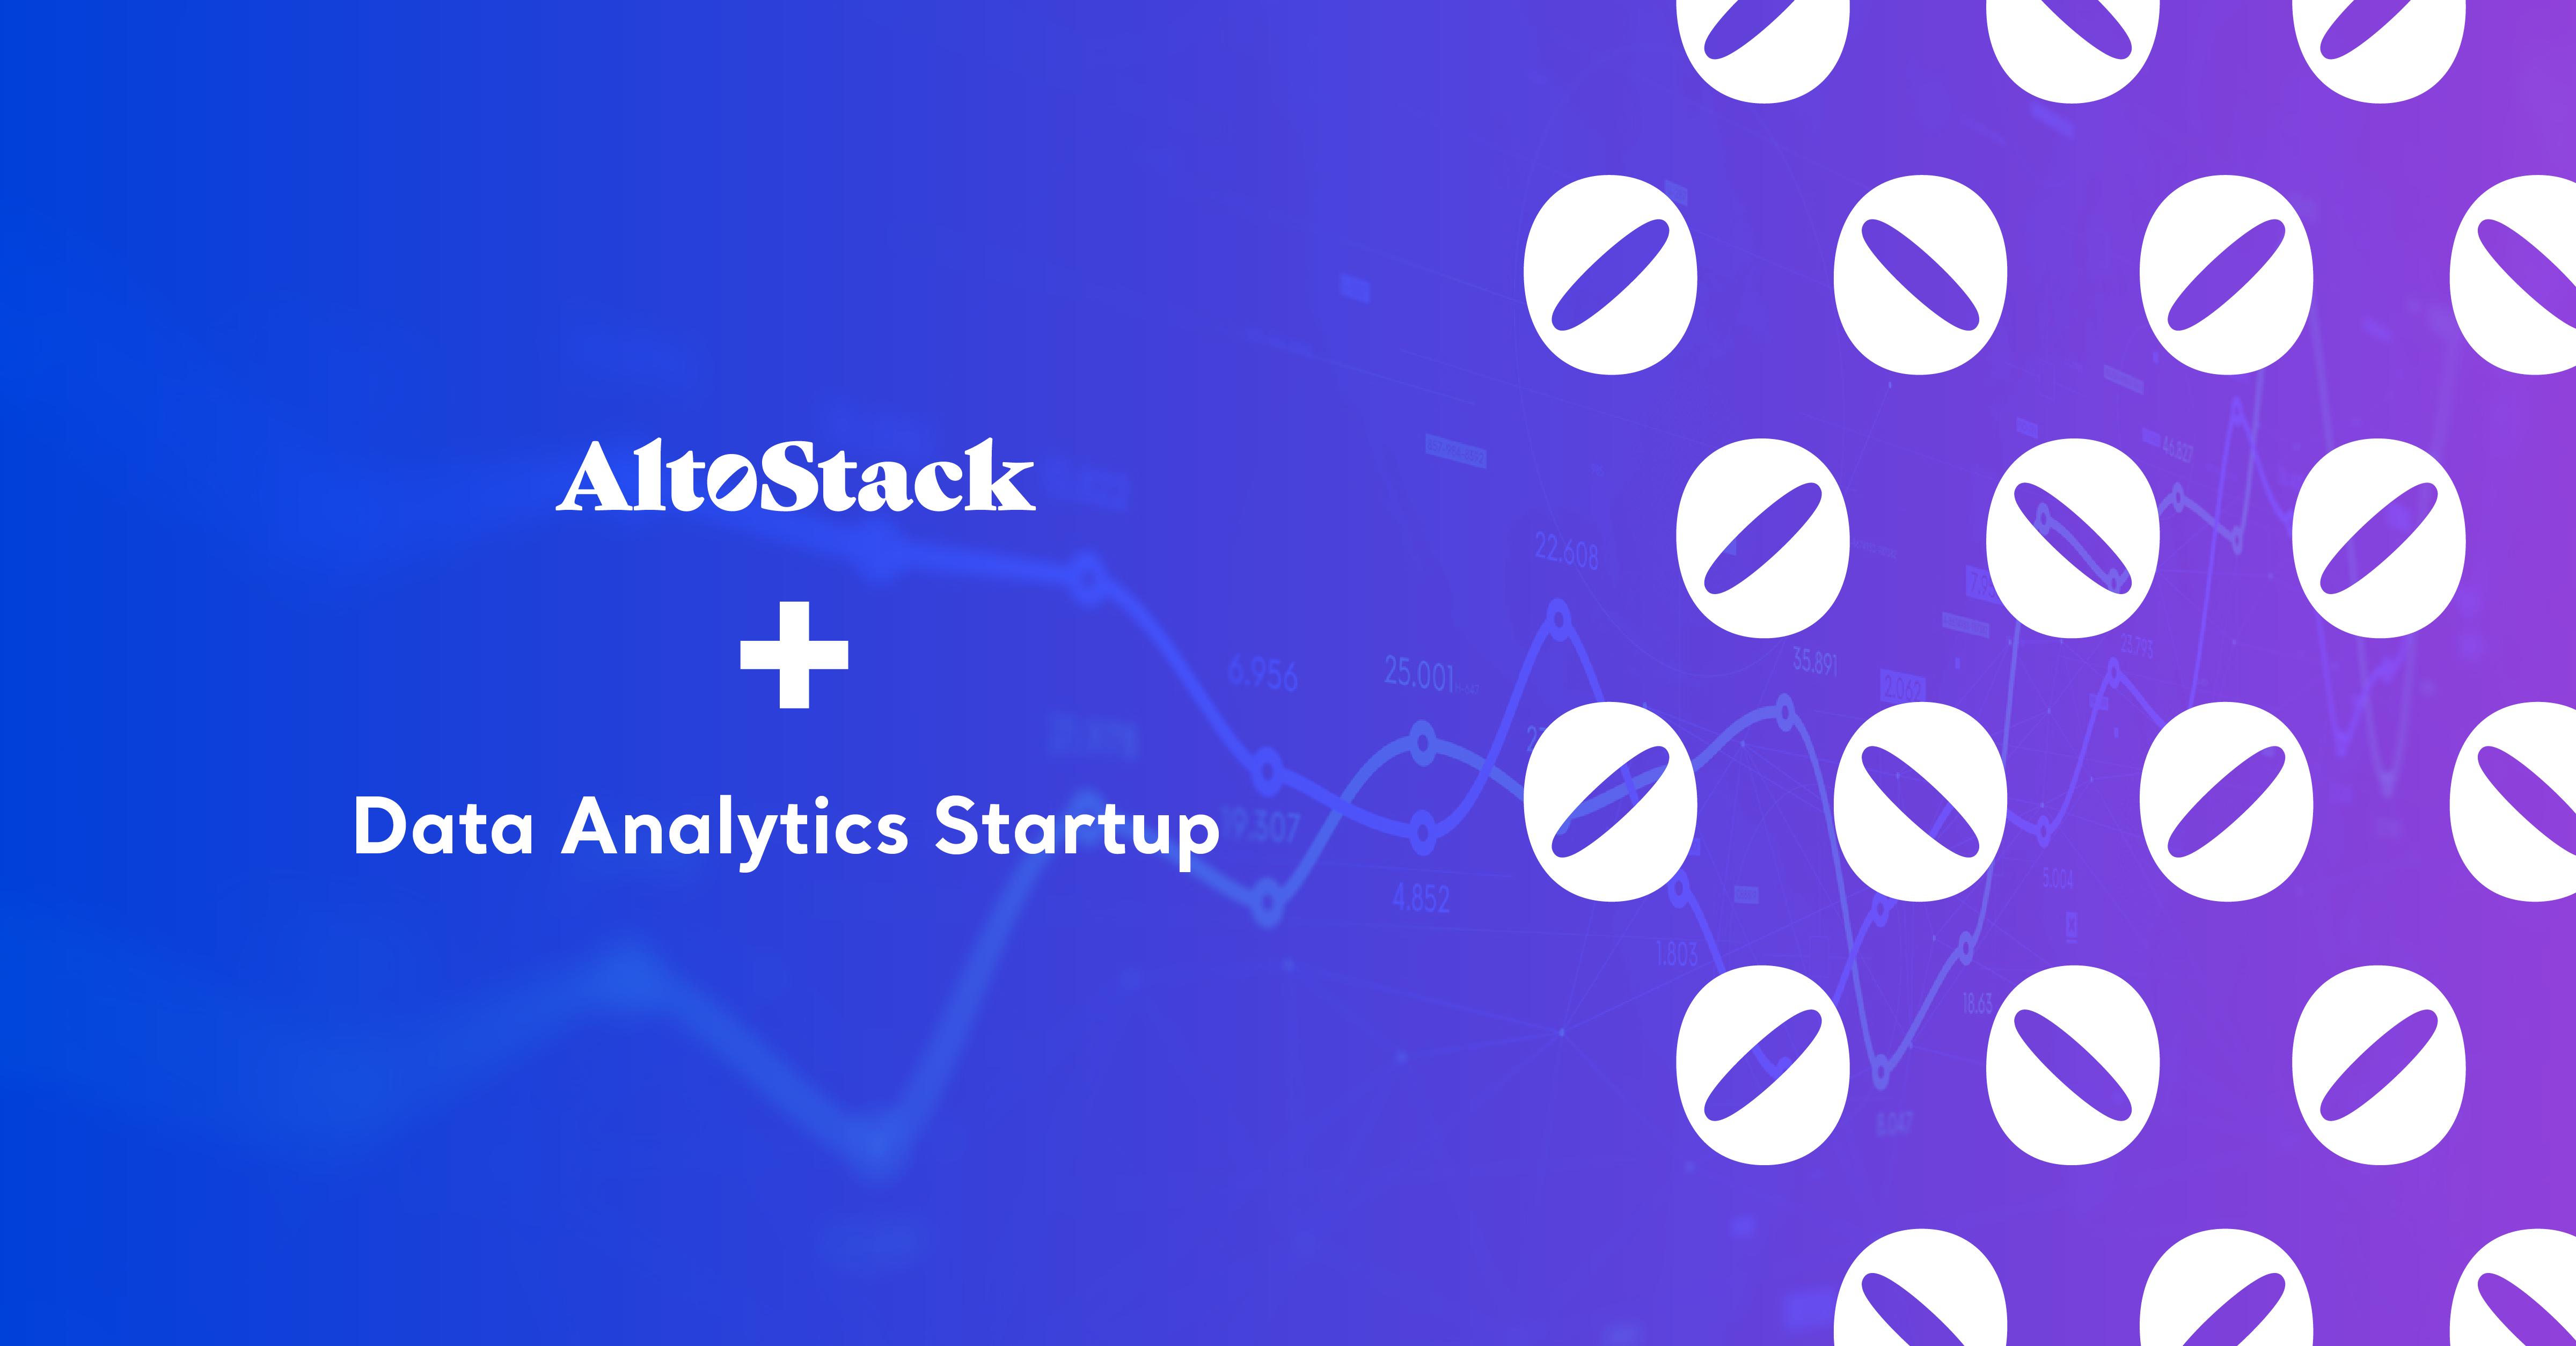 DataAnalyticsStartup